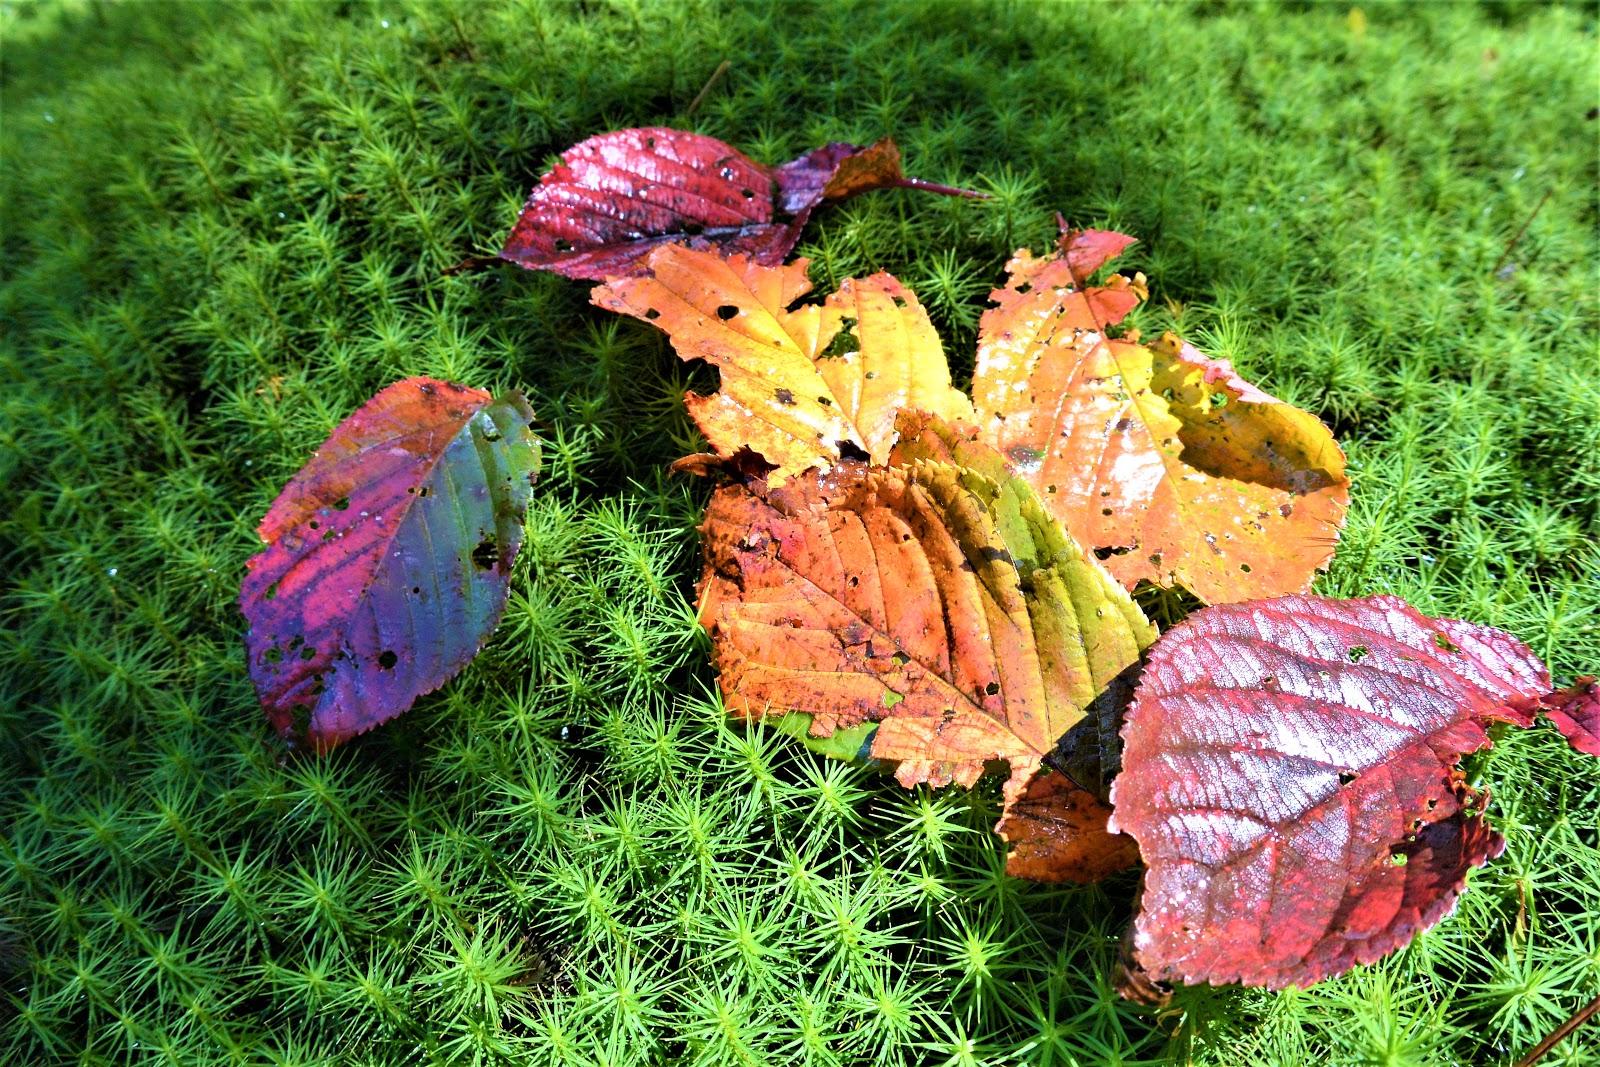 し る 山風 ば むべ の を から れ 草木 に 吹く を 嵐 らむ といふ 秋 の